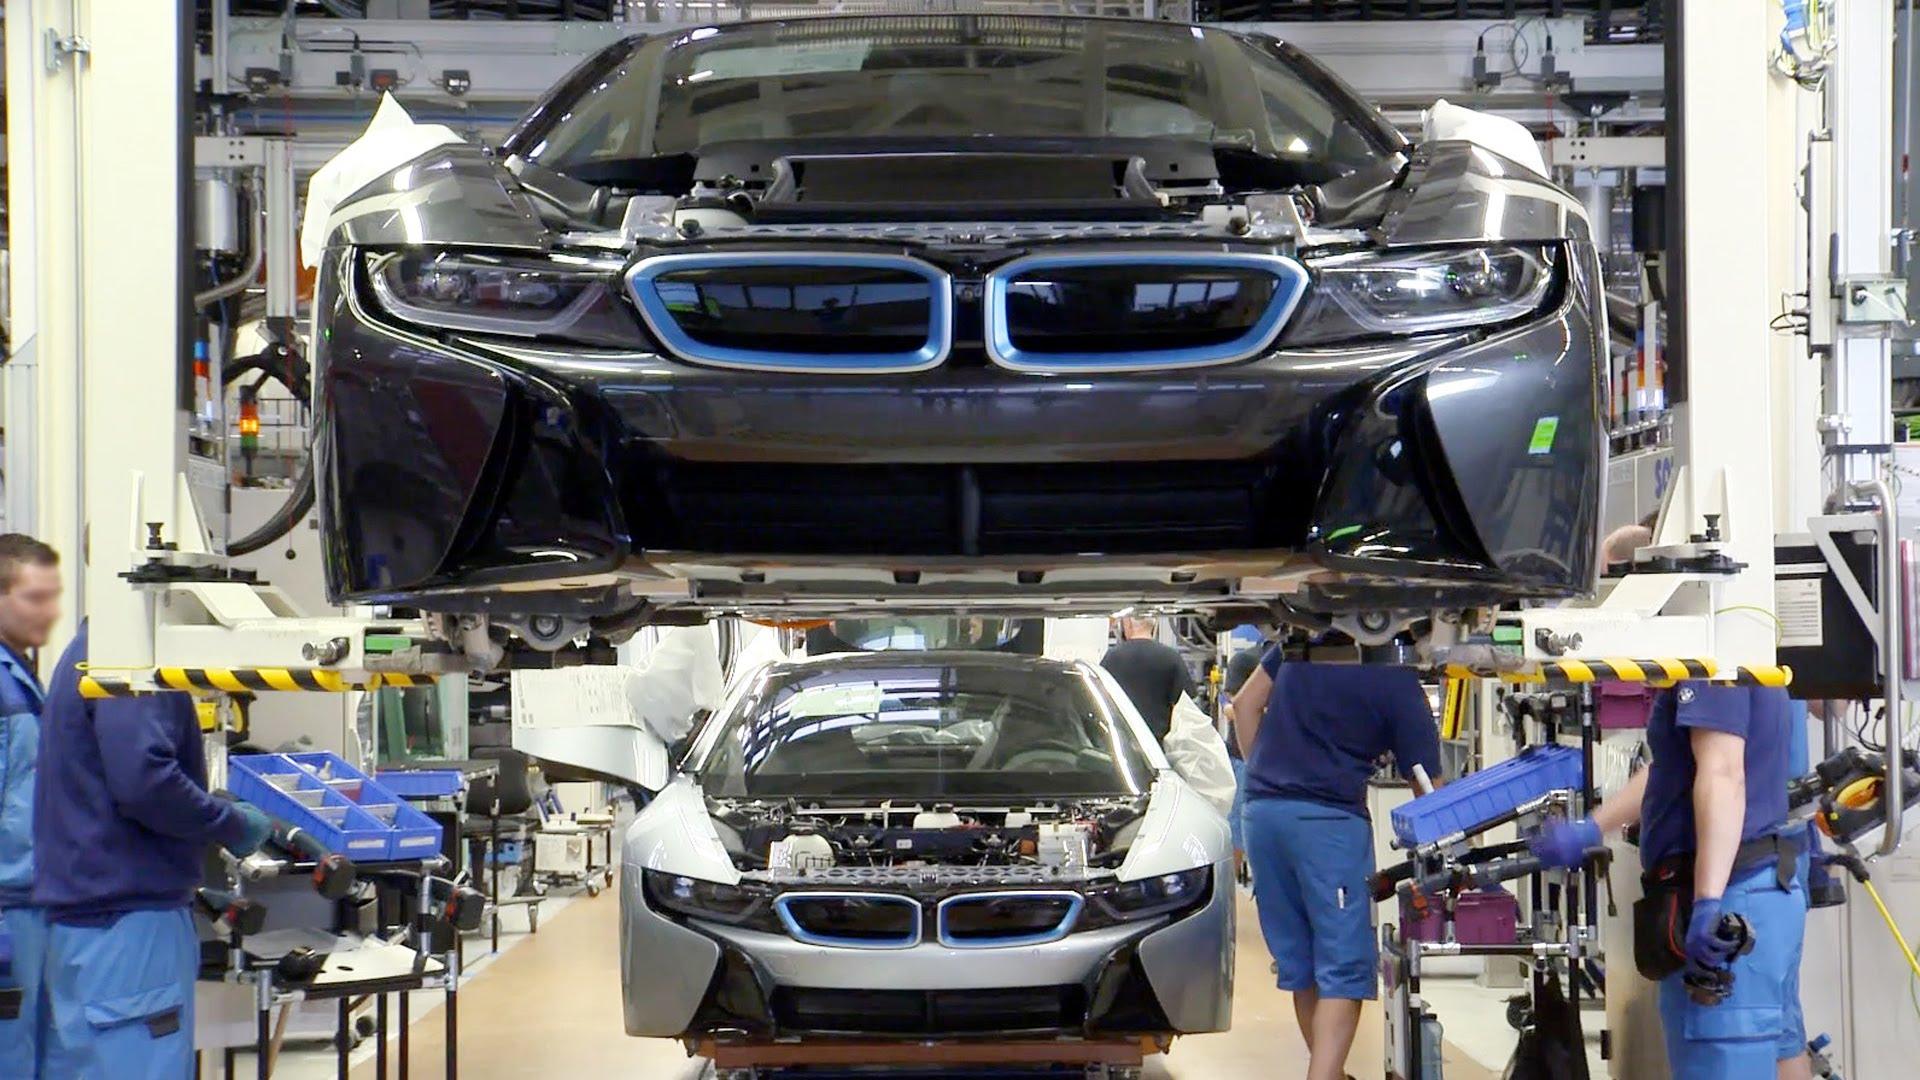 Γερμανία  Η στροφή στα ηλεκτρικά αυτοκίνητα απειλεί άμεσα 75.000 θέσεις  εργασίας  c8c3b92970d